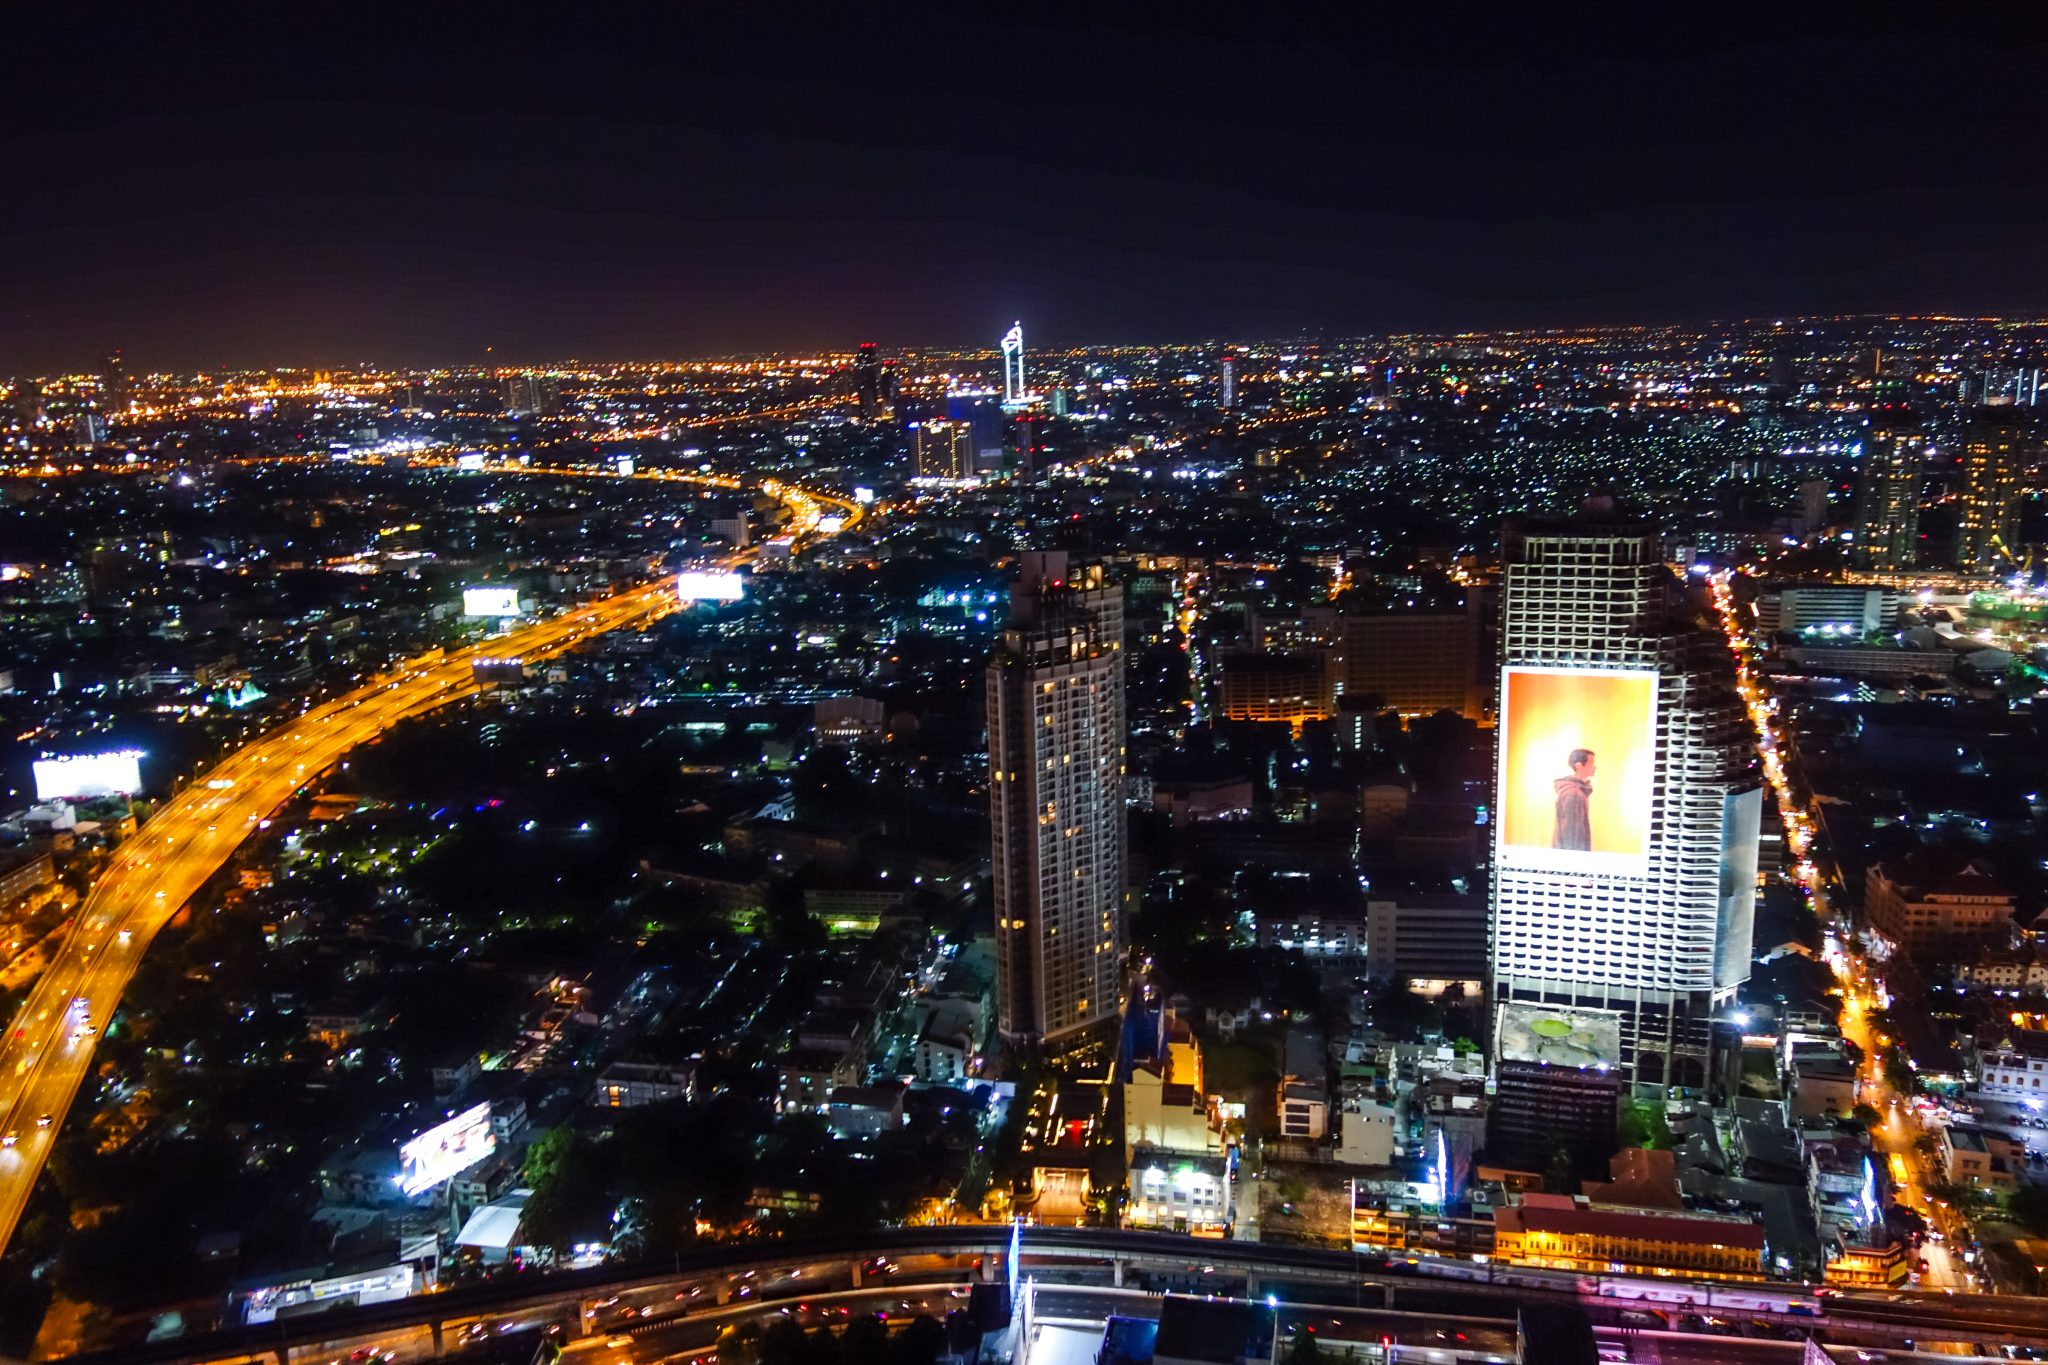 Bangkok sieht von dort oben sehr friedlich aus - anders, als wenn man unten im Chaos auf den Straßen ist.